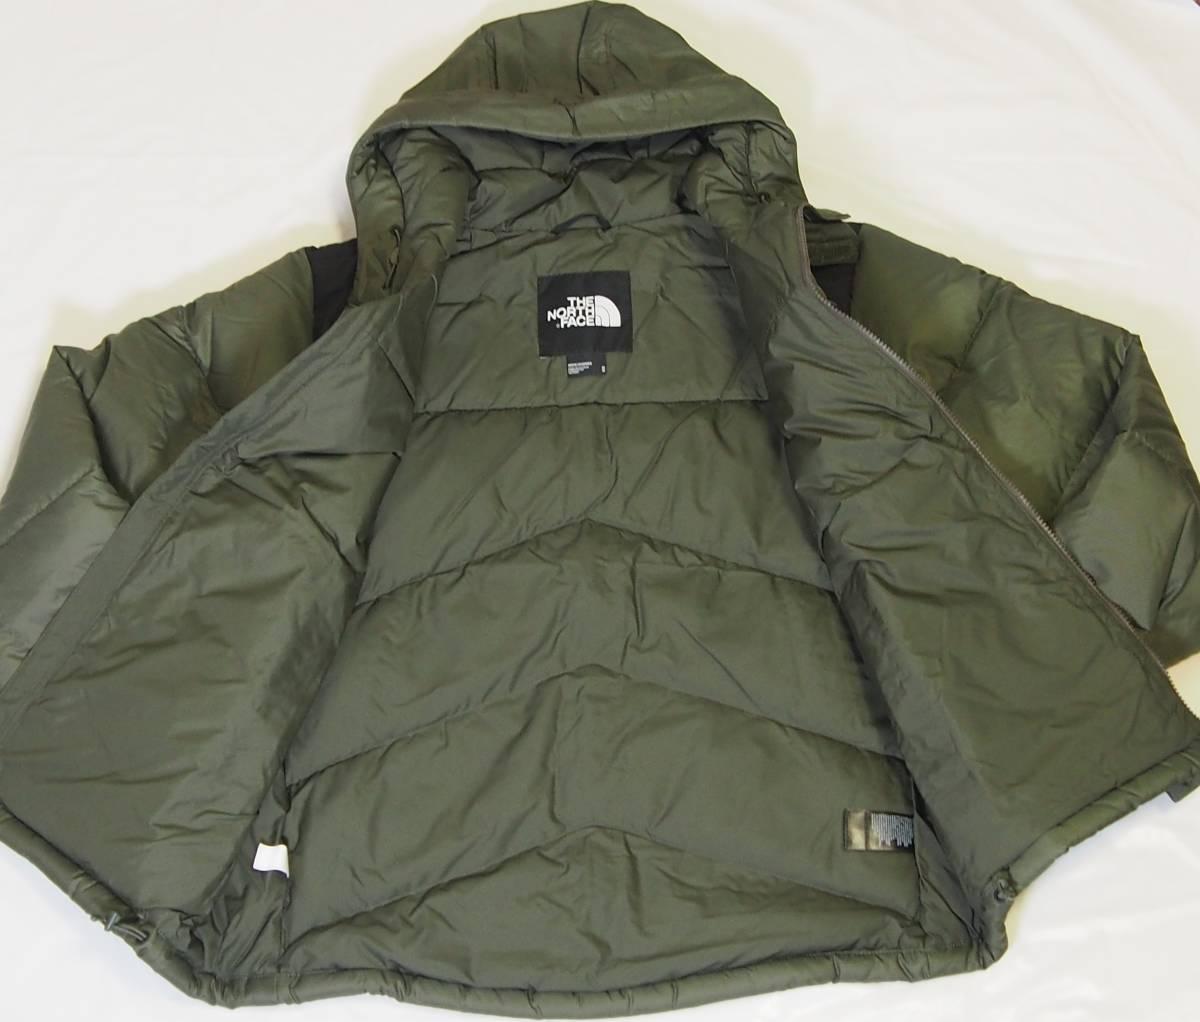 【USA購入、未使用タグ付】ノースフェイス Balham ダウンジャケット メンズ M グリーン Balham Down Jacket NEW TAUPE GREEN MATTE_画像5